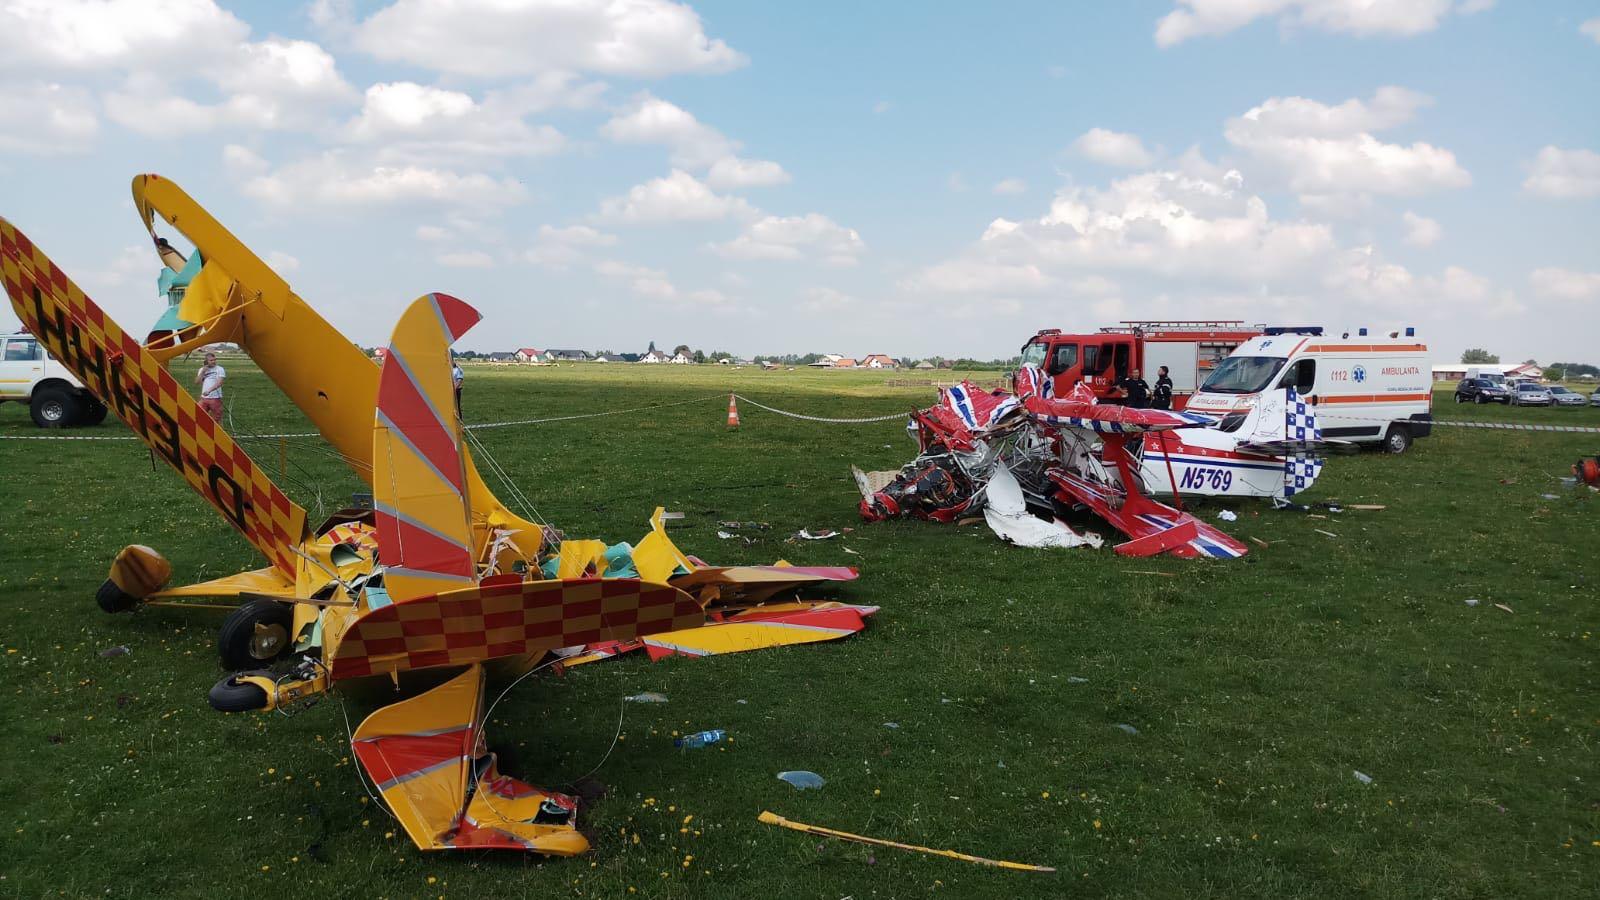 ACCIDENT AVIATIC la Frătăuţii Vechi: Două avioane de mici dimensiuni s-au ciocnit în zbor/ Pilotul Cornel Marinescu a murit. Cel de-al doilea, Sorin Bochiş, este în stare gravă la Spitalul de Neurochirurgie din Iaşi/ UPDATE: VIDEO cu momentul accidentului